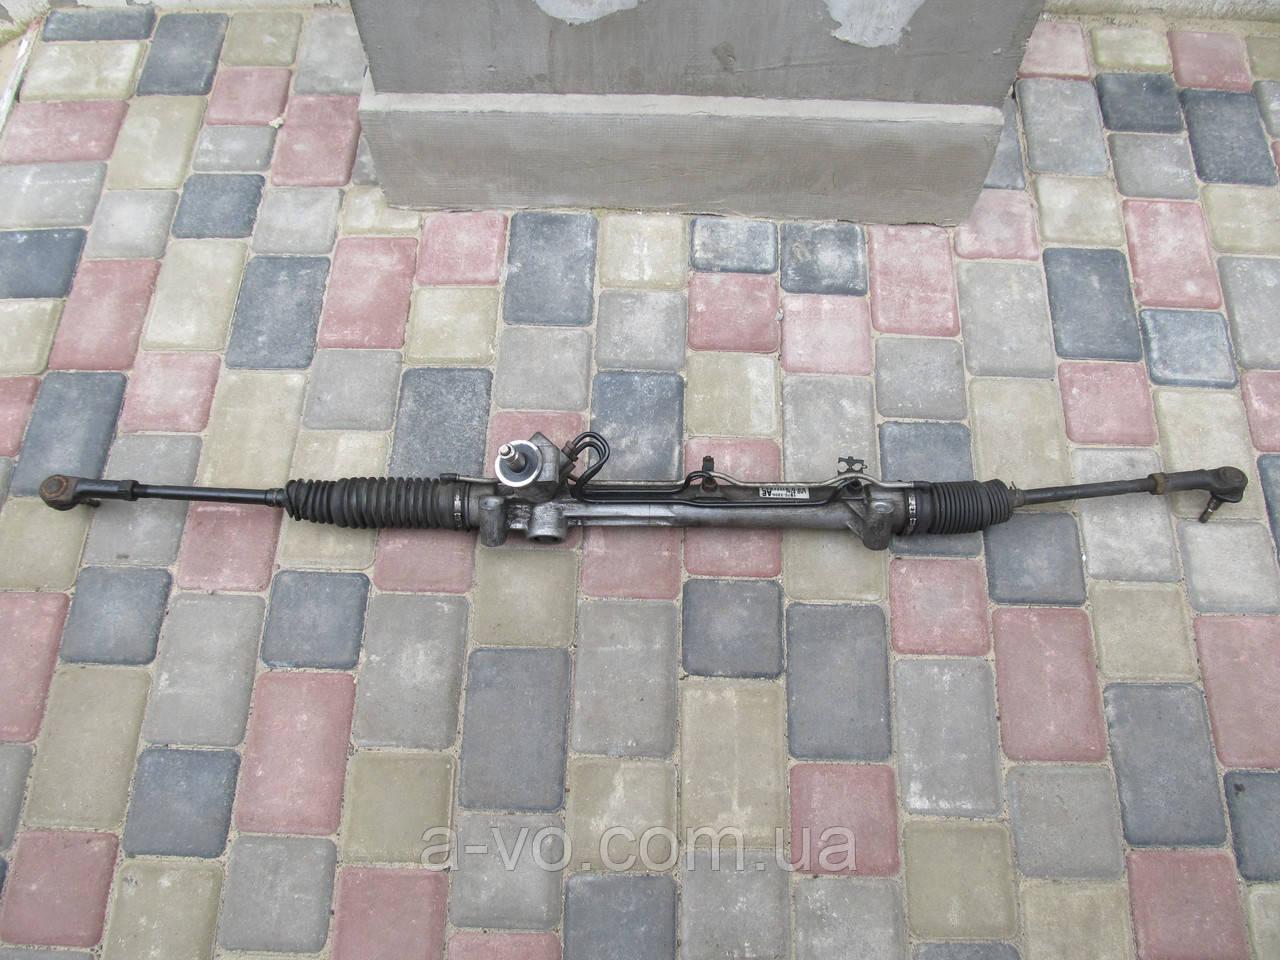 Рулевая рейка для Ford Mondeo 3, 1S7C-3200-EG, RF-1S7C-3550-AA